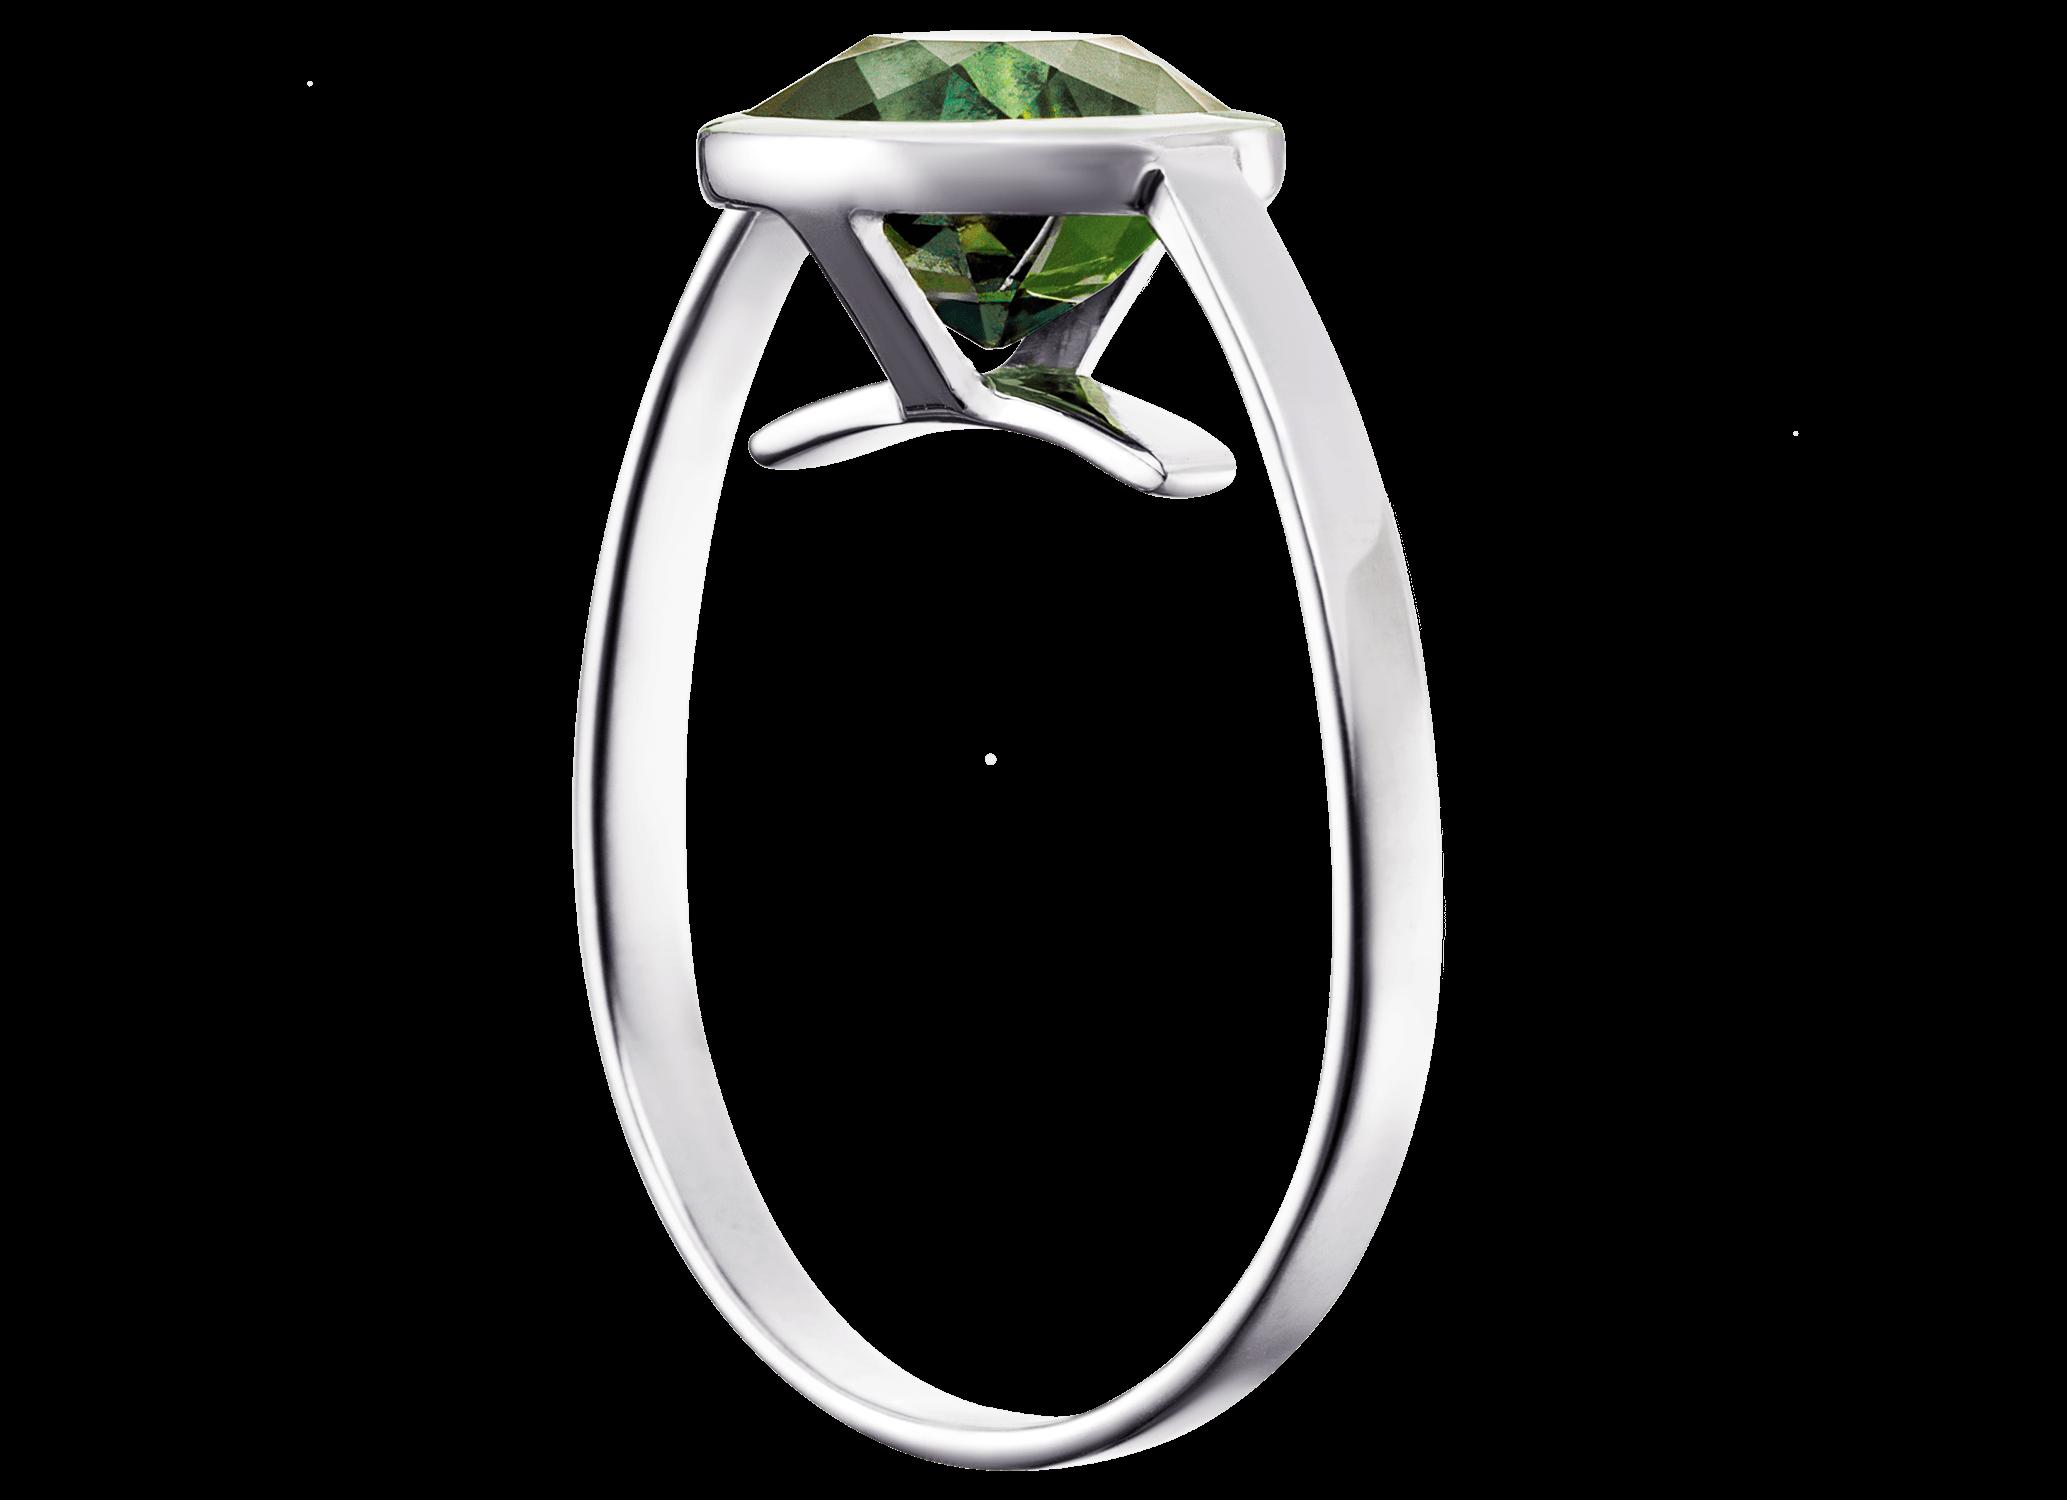 Bague Cha - Or blanc et saphir vert 3,01 carats